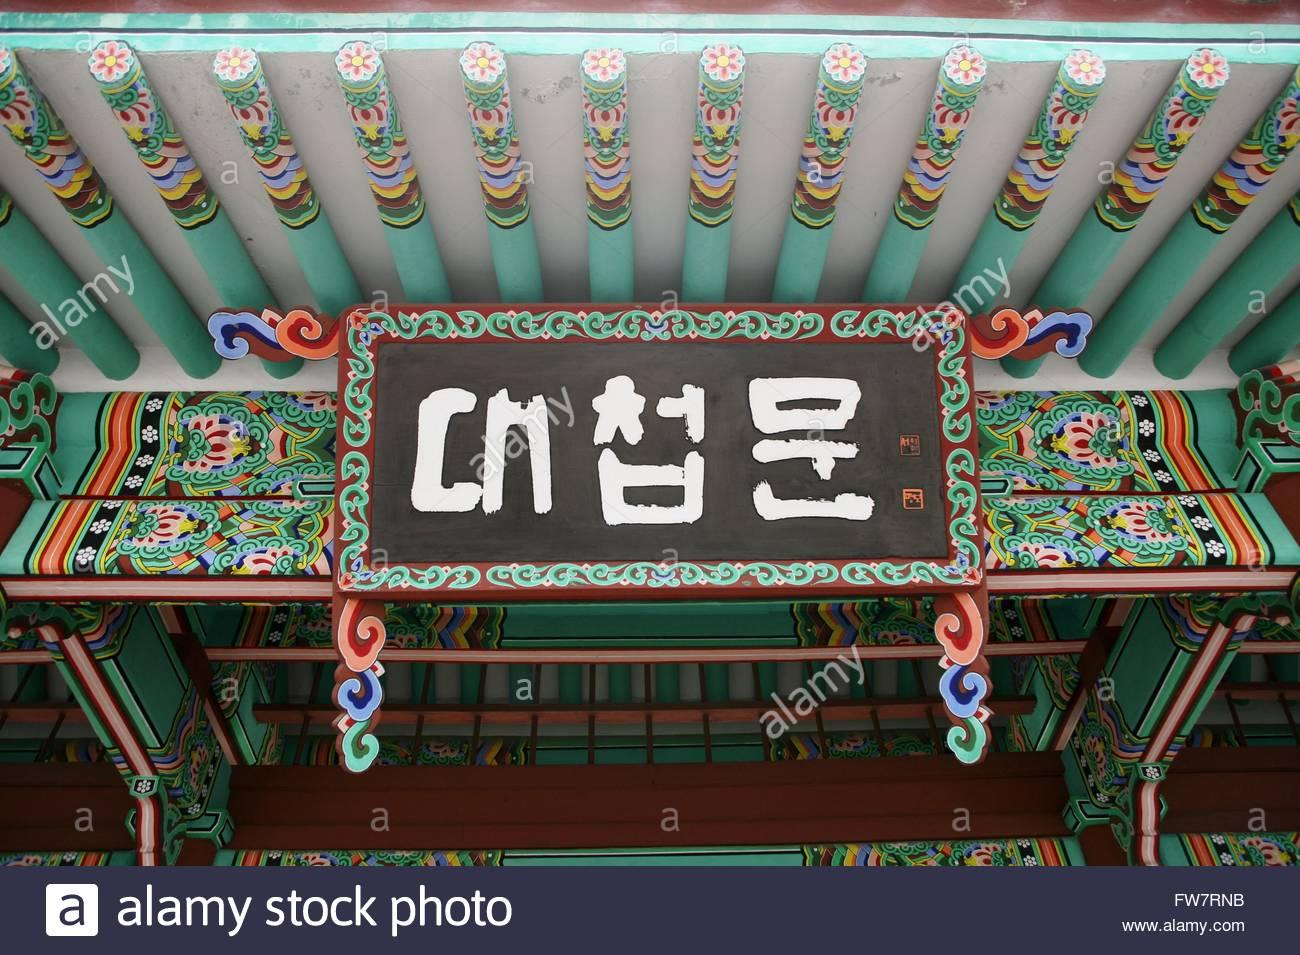 Haengjusanseong Stock Photos & Haengjusanseong Stock Images - Alamy